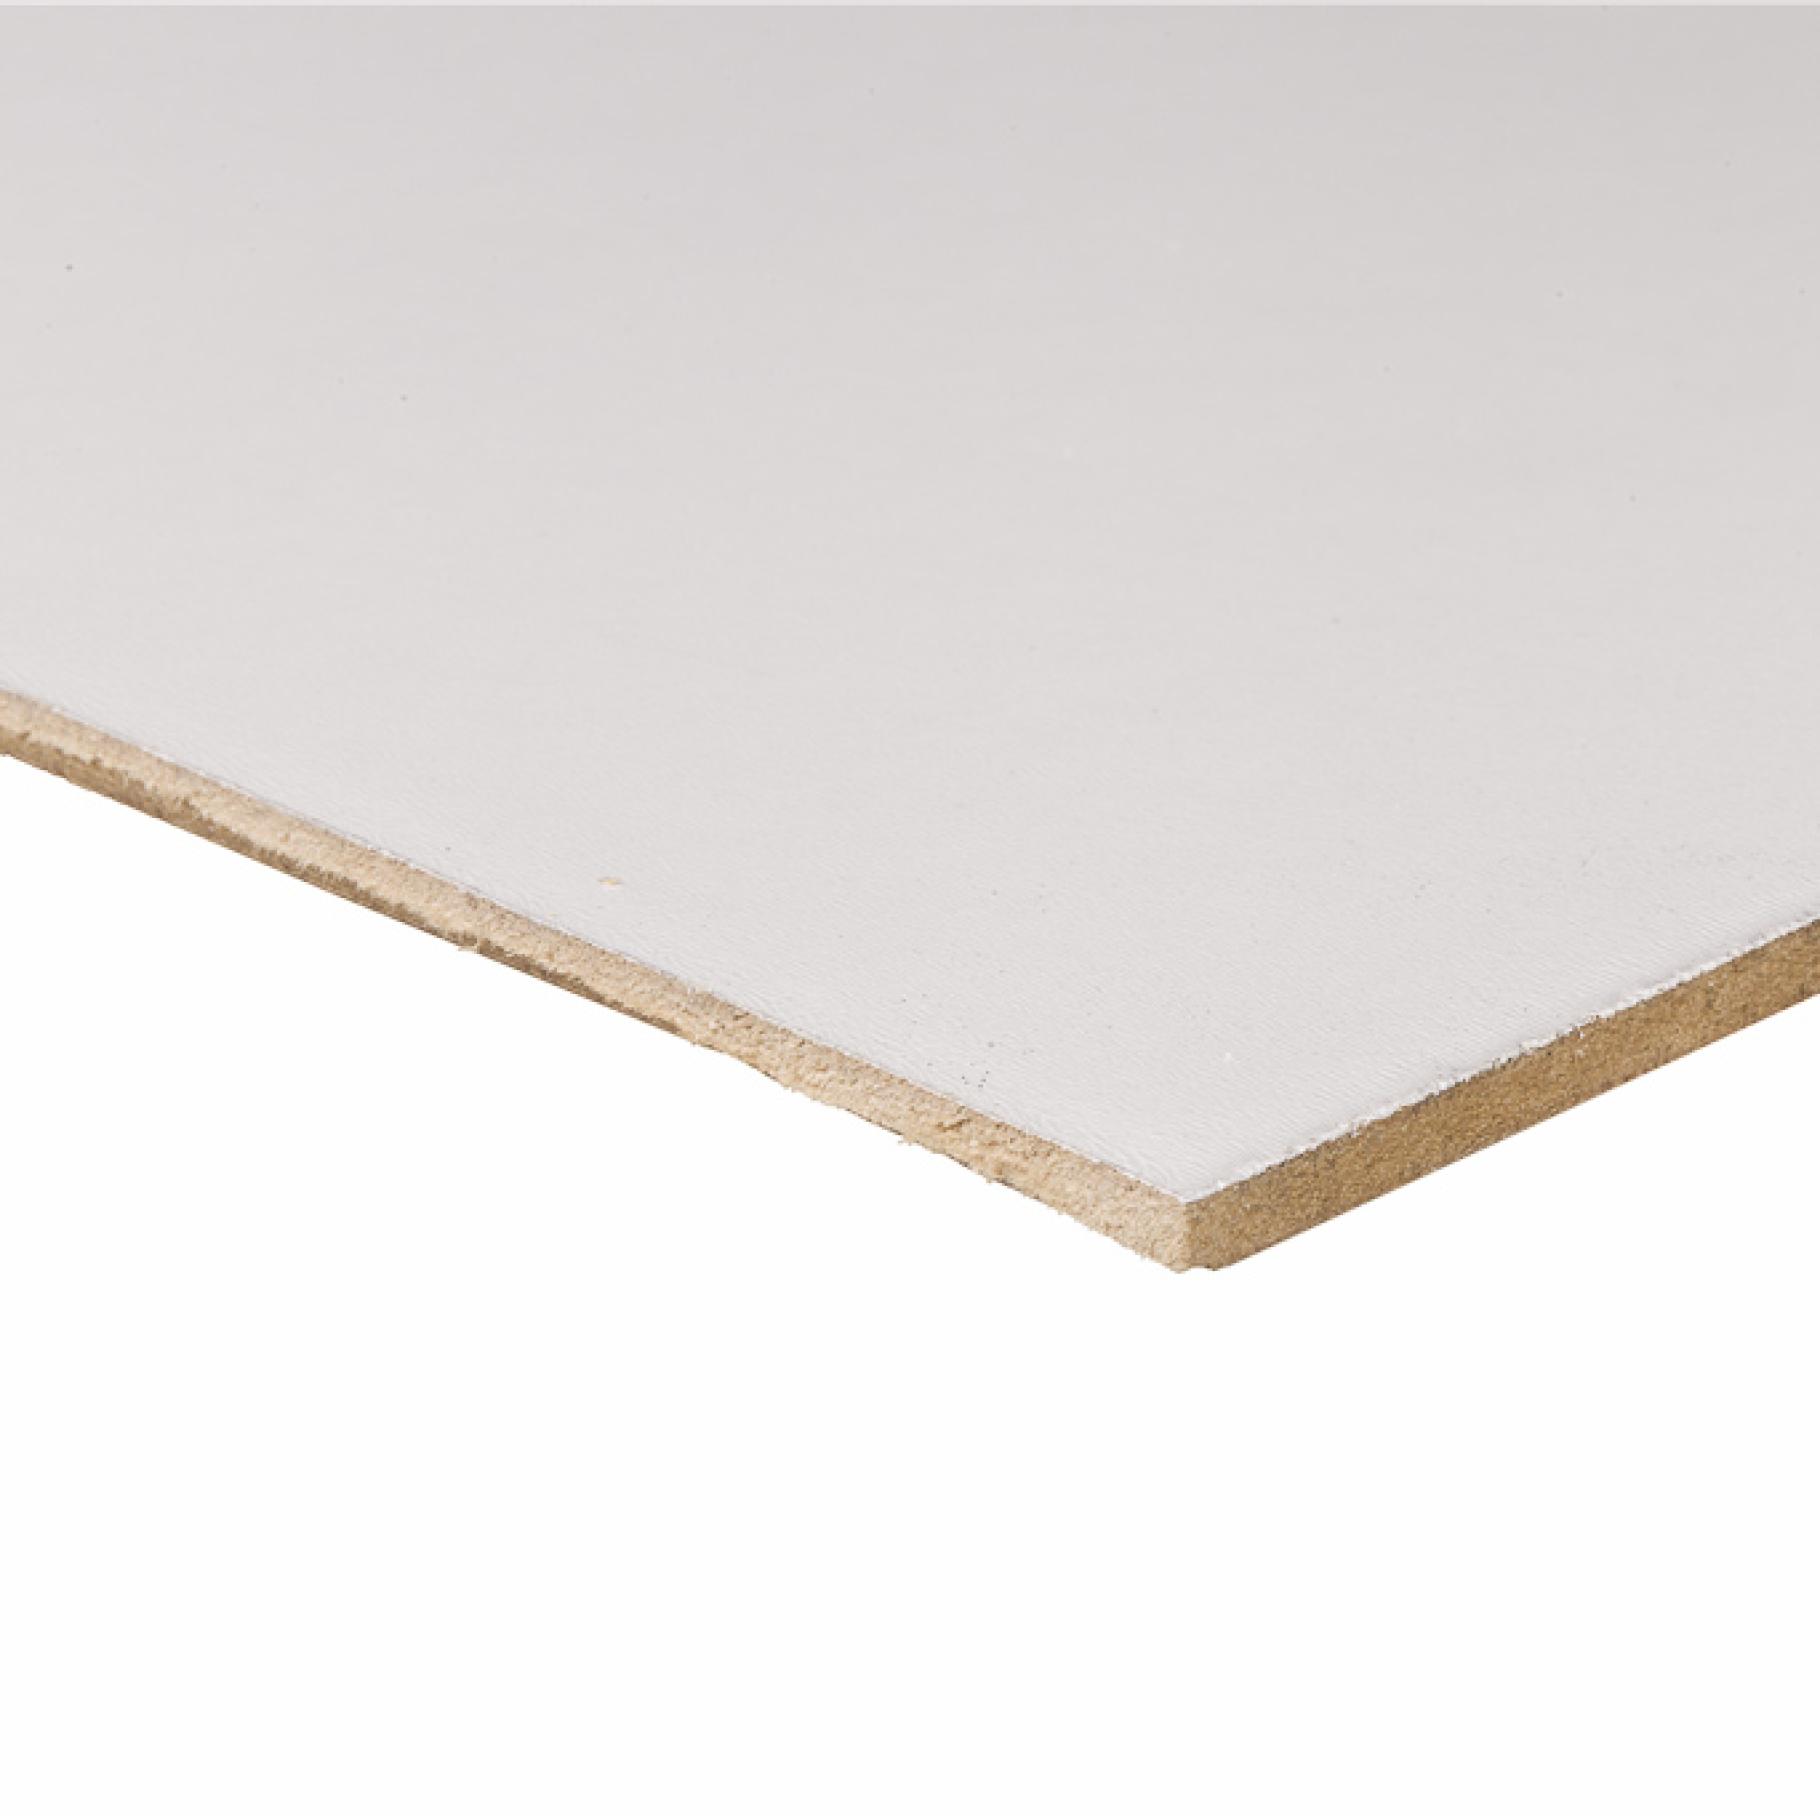 Relativ MDF - Platten, Lackline weiß | RogShop UP65